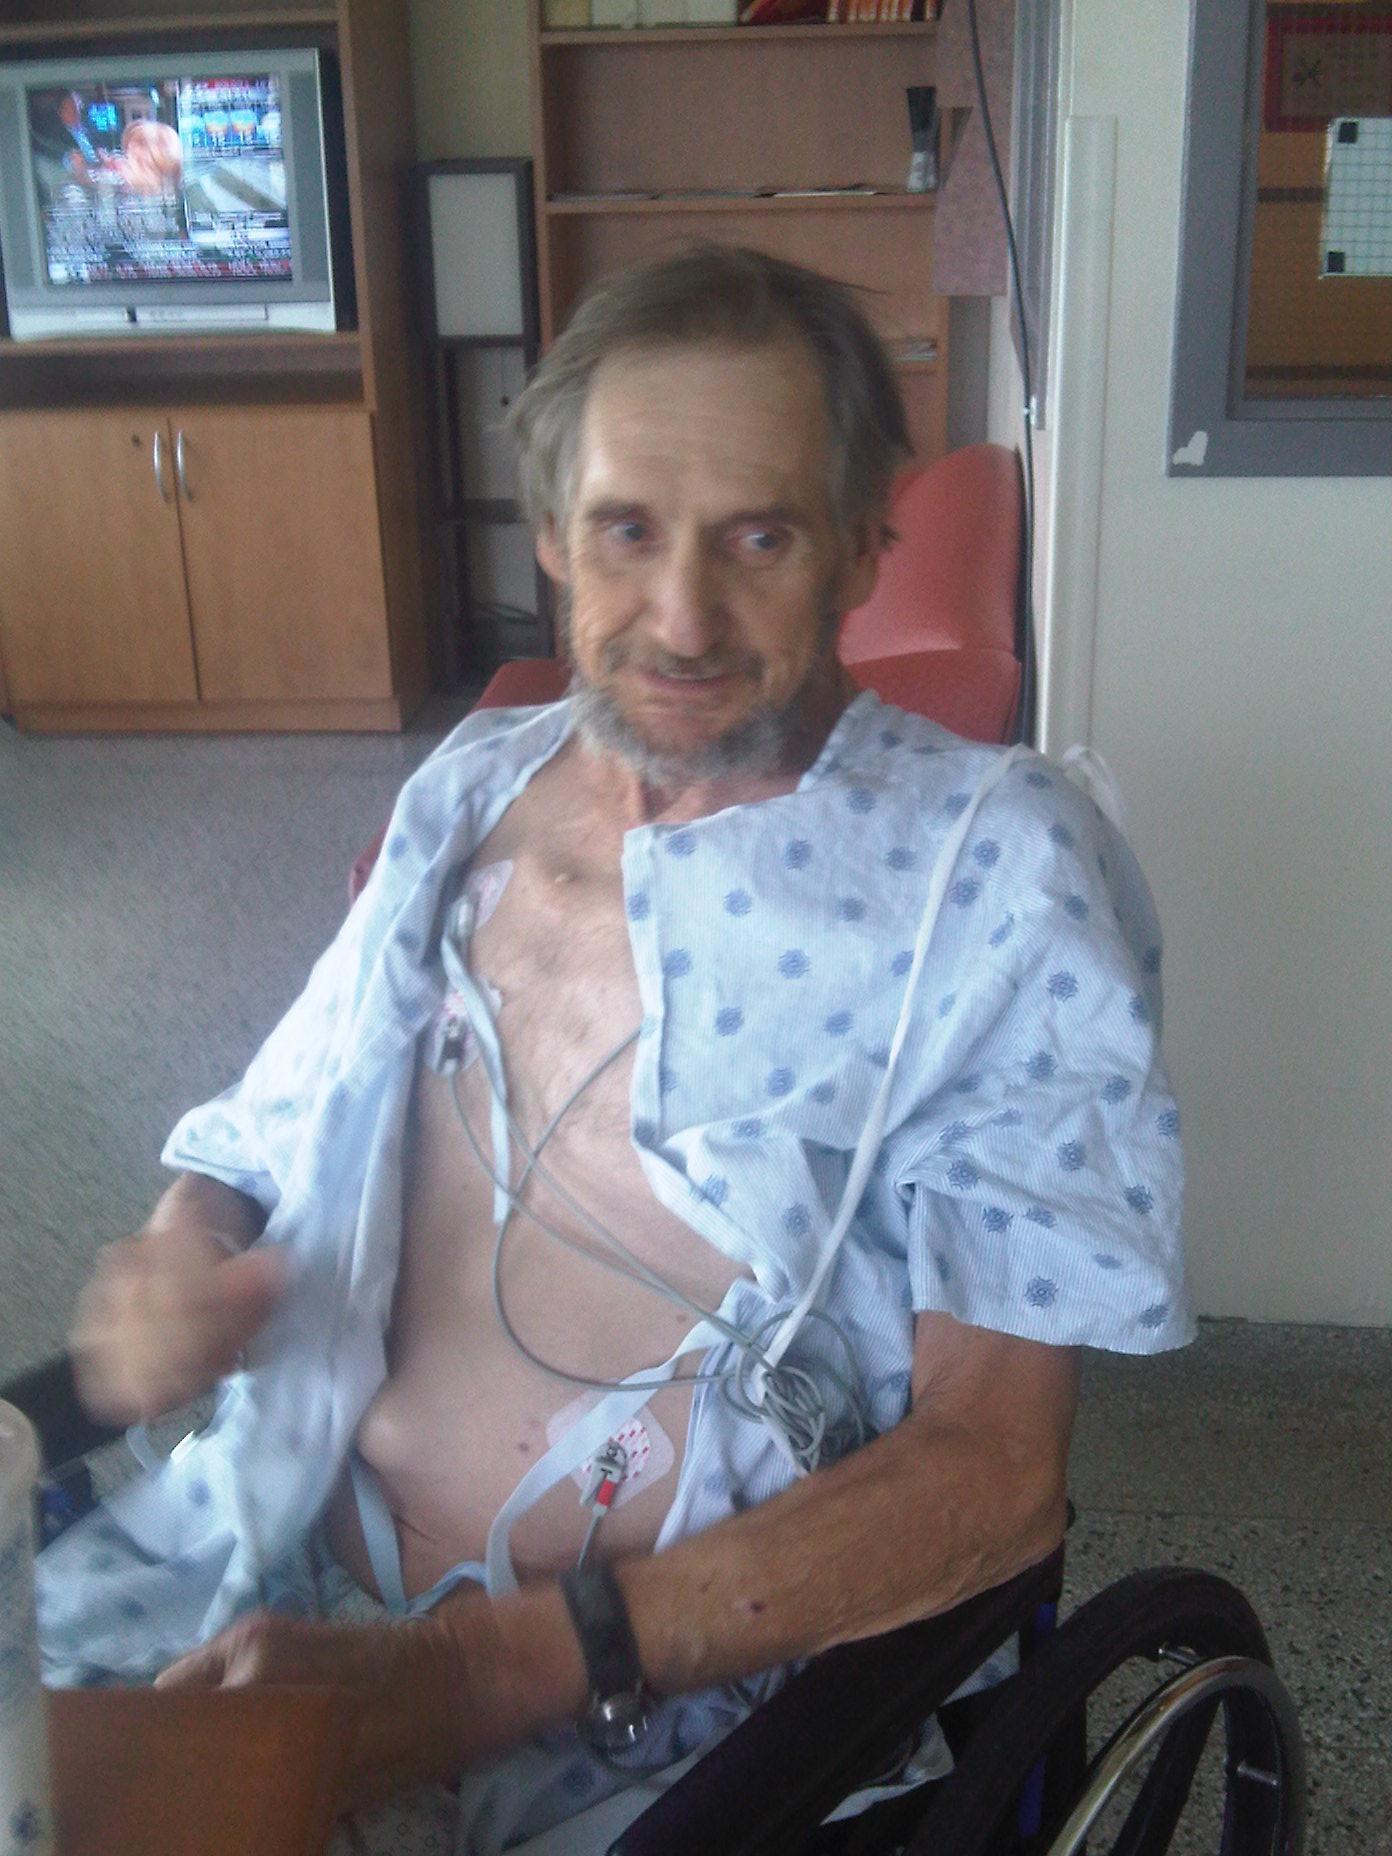 1 - Tony in Hospital  - Oct 5 2009